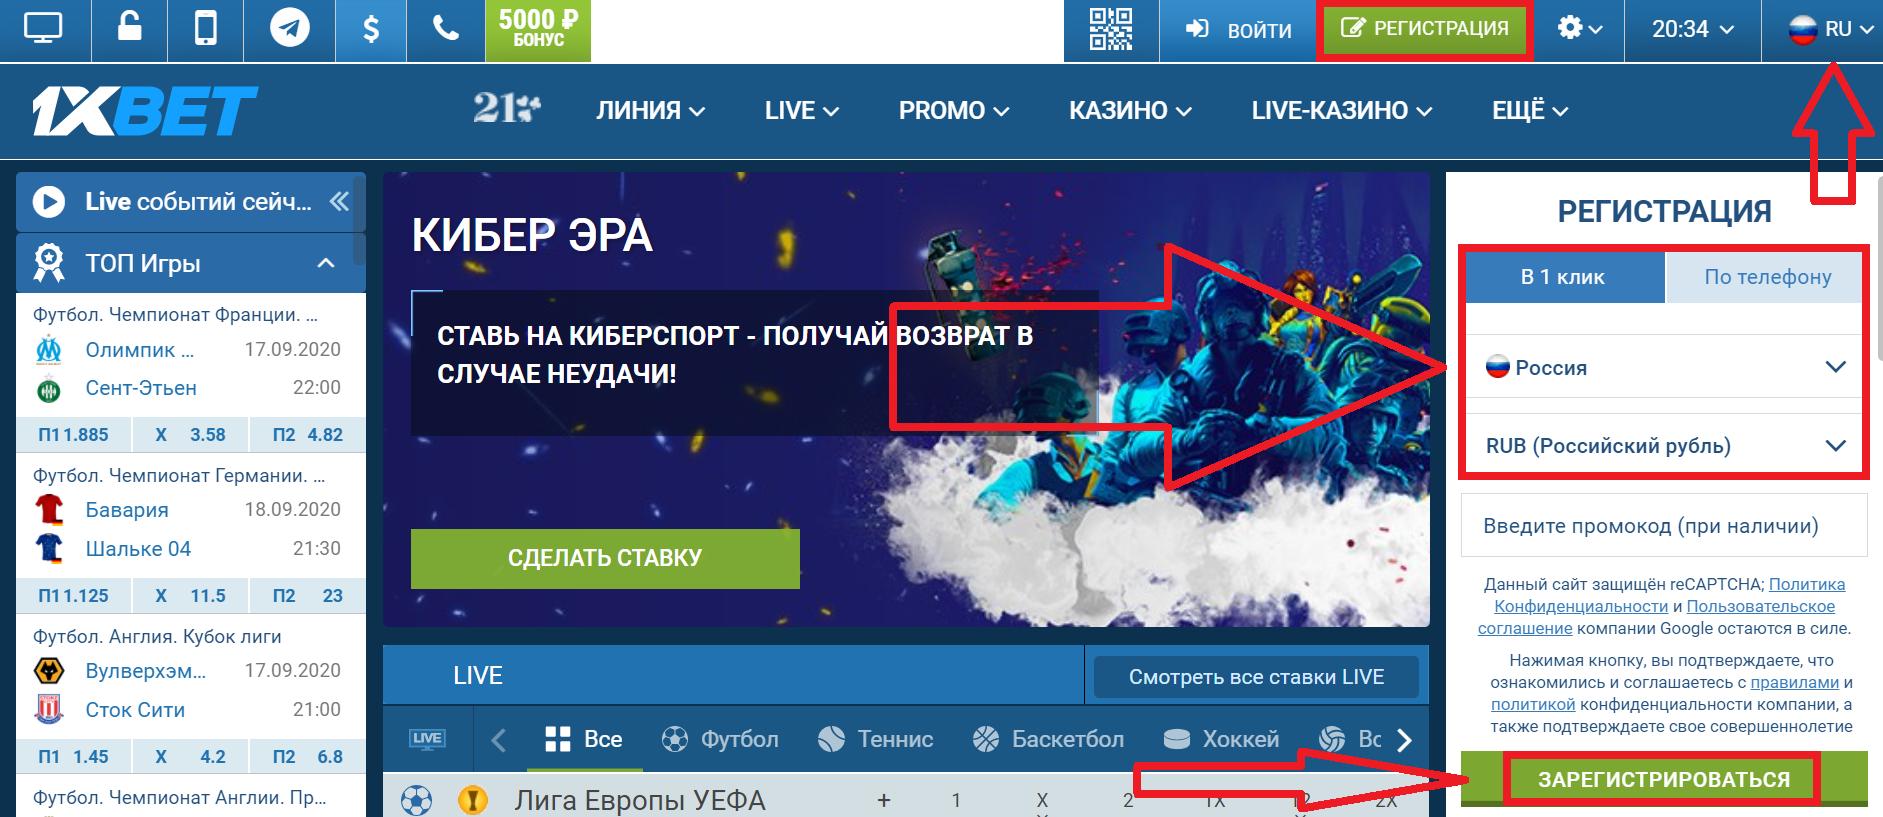 1xBet Бишкек – создаем свой аккаунт